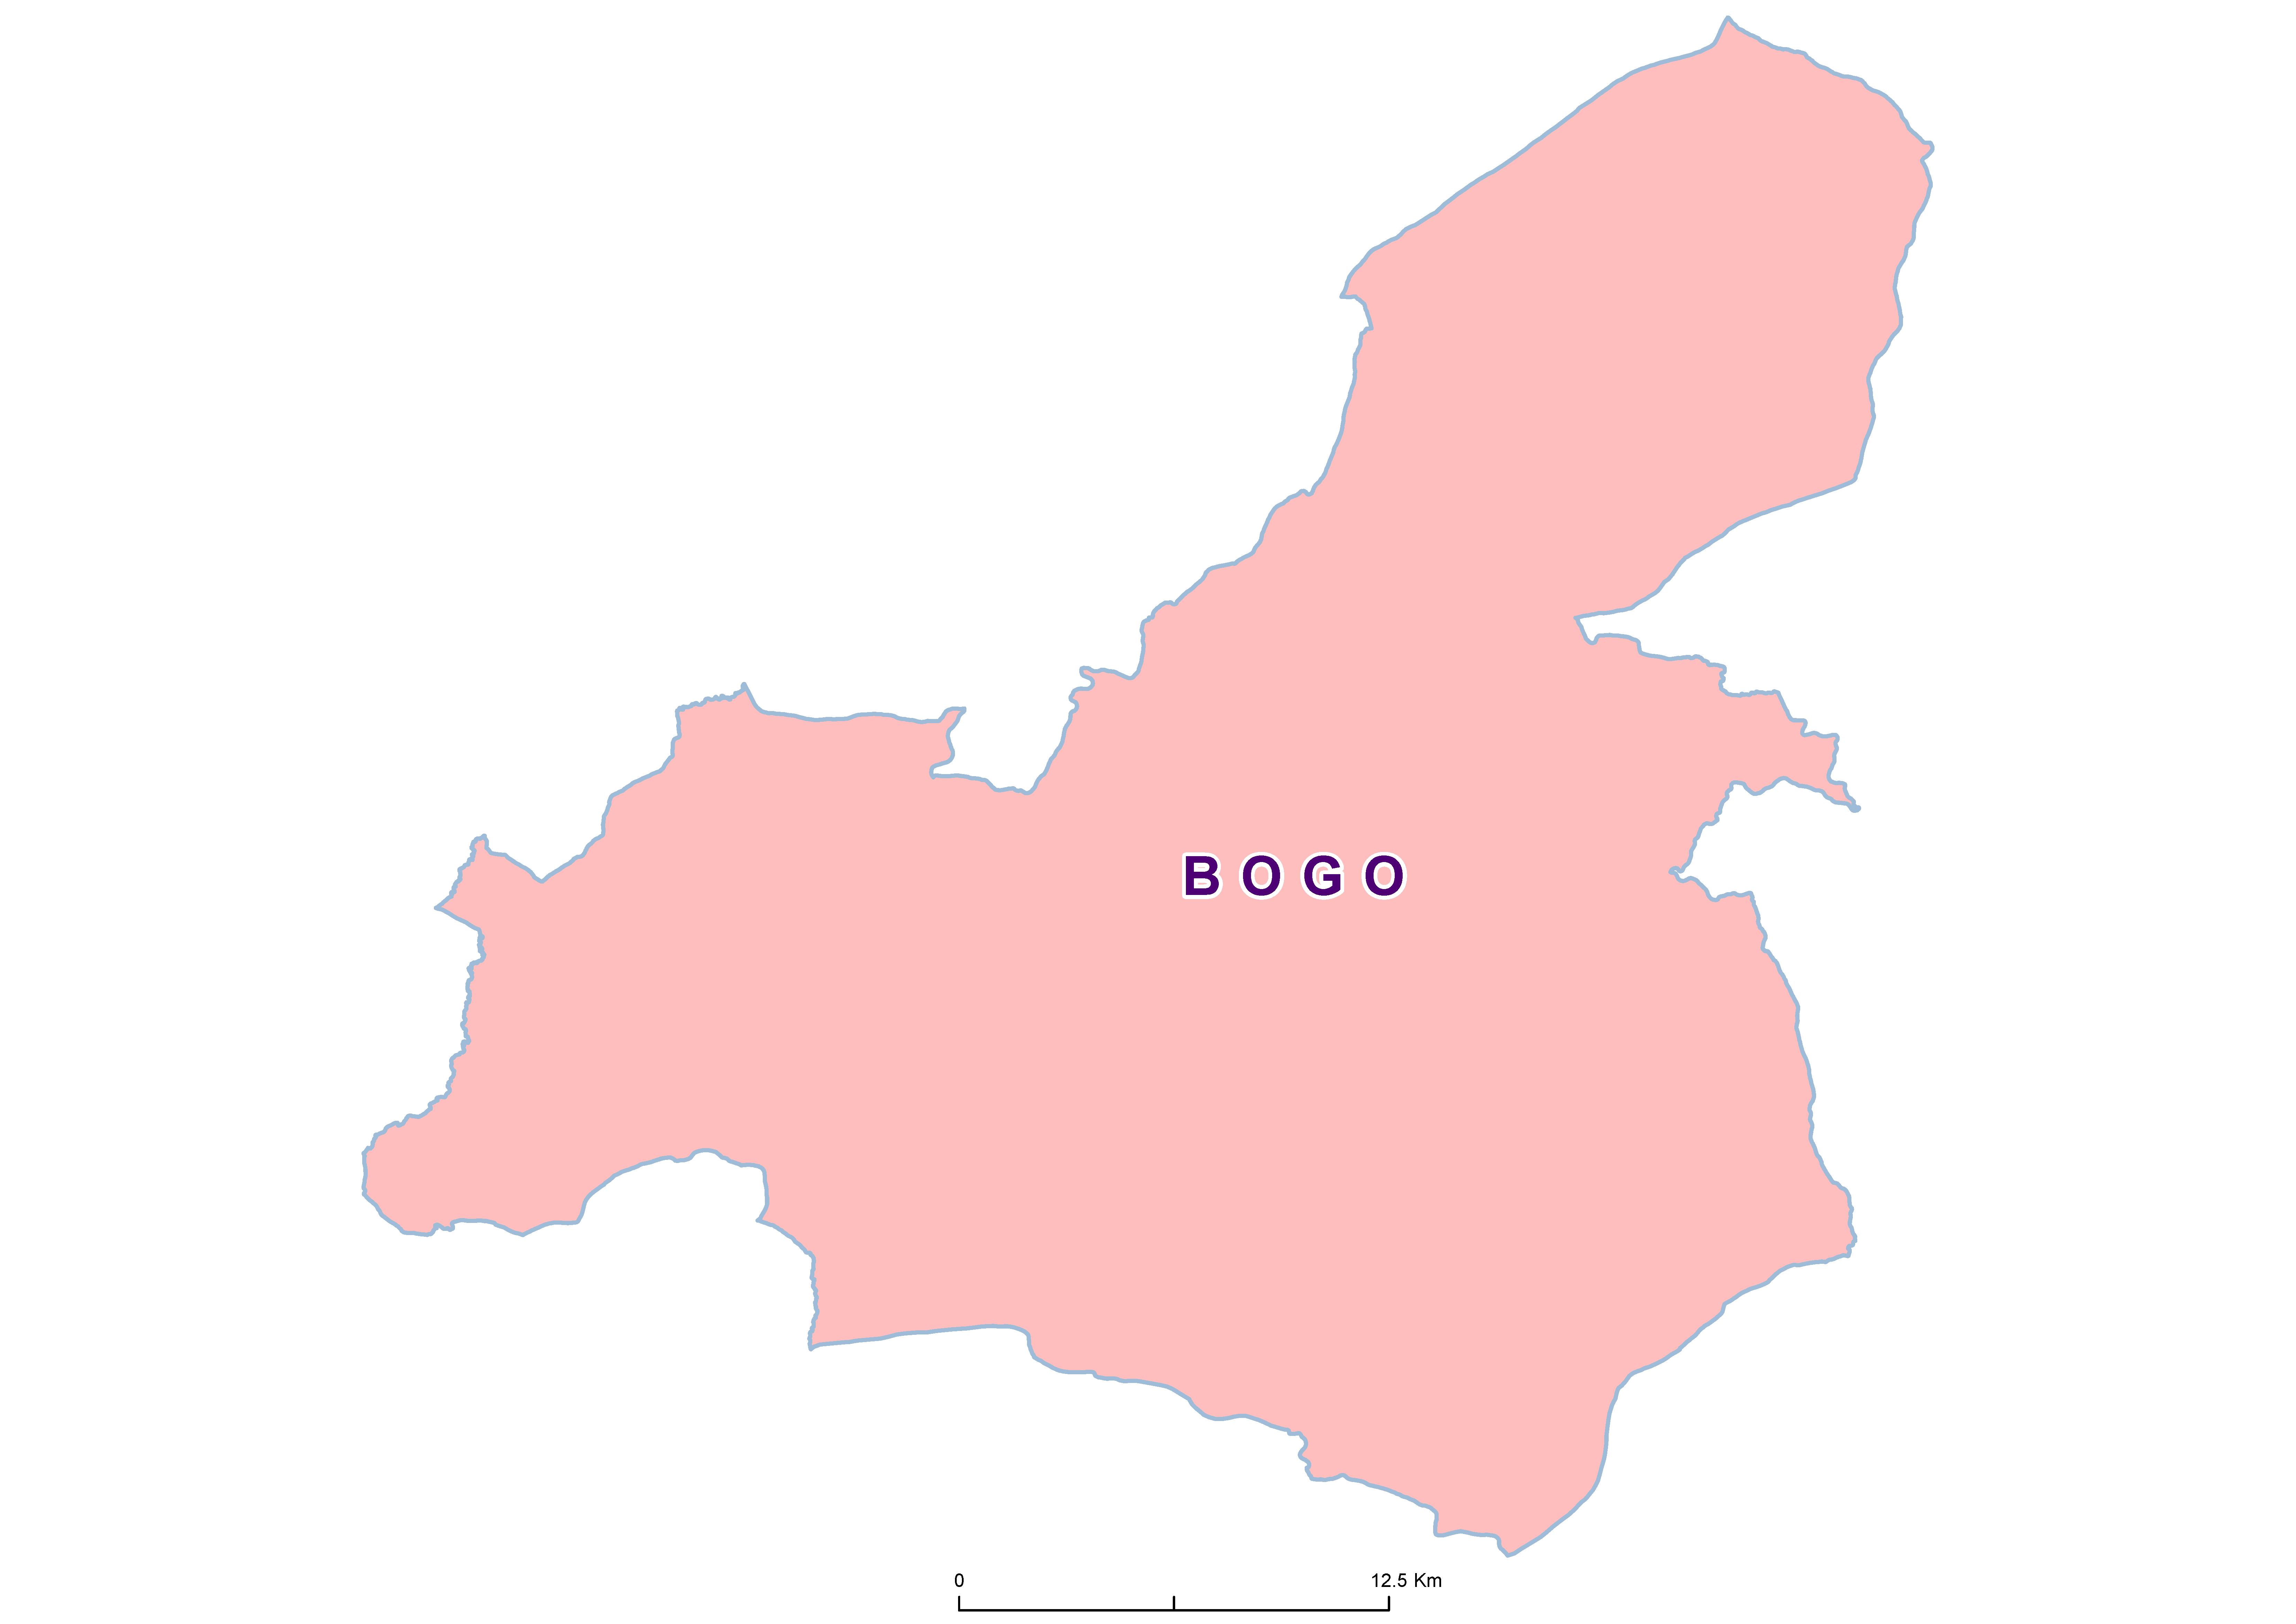 Bogo Mean STH 19850001